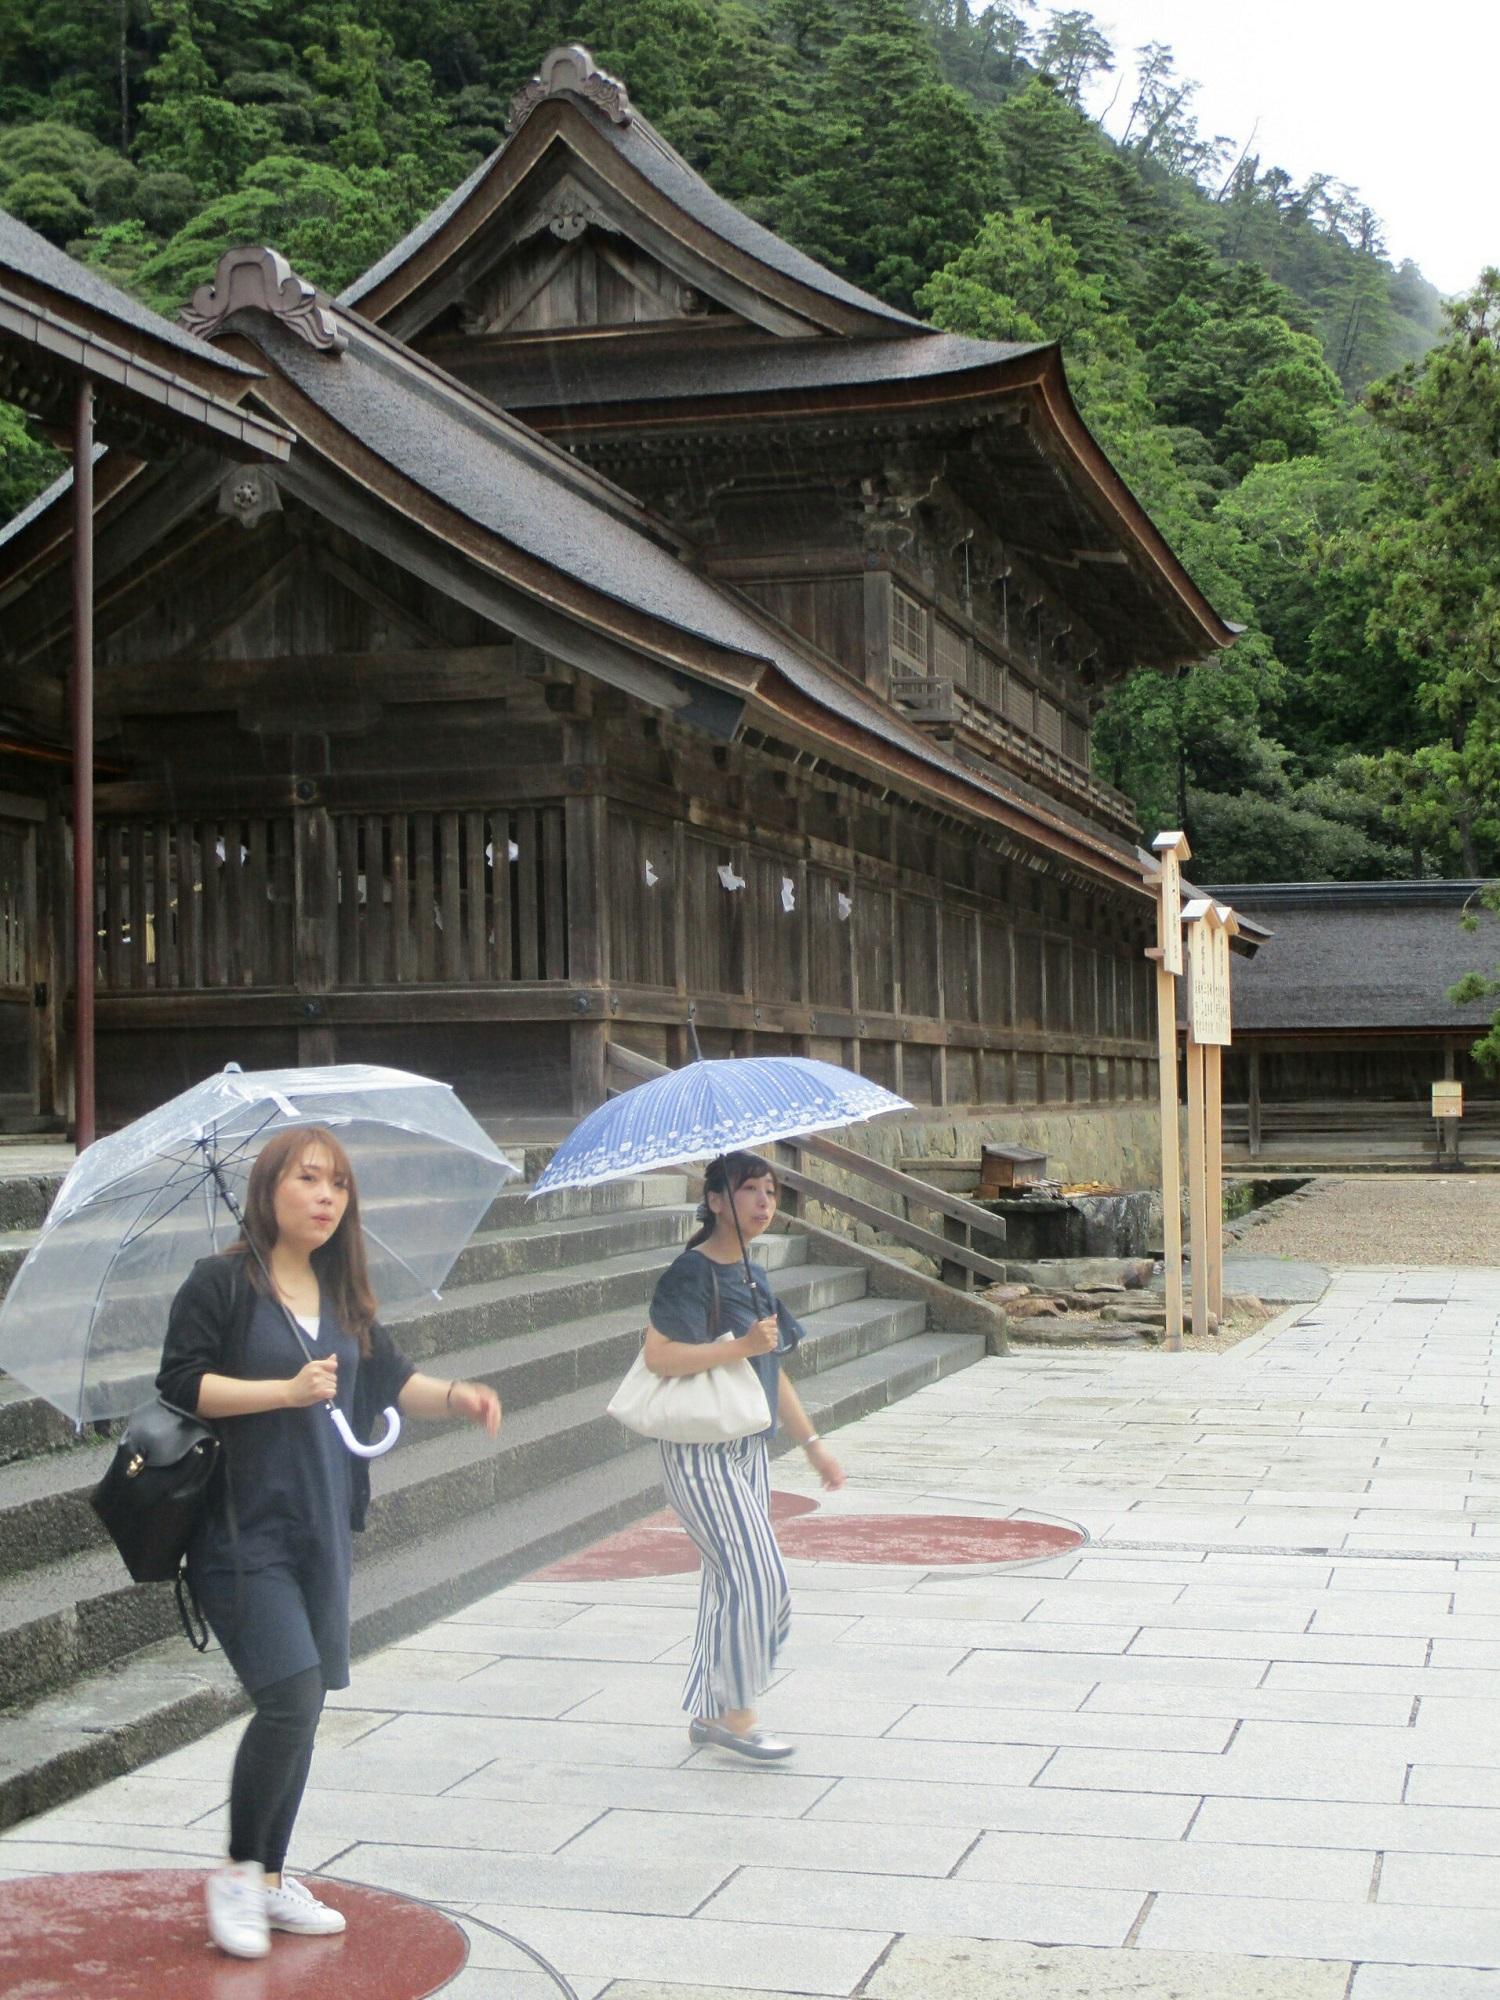 2018.7.6 (99) 出雲大社 - 観祭楼 1500-2000